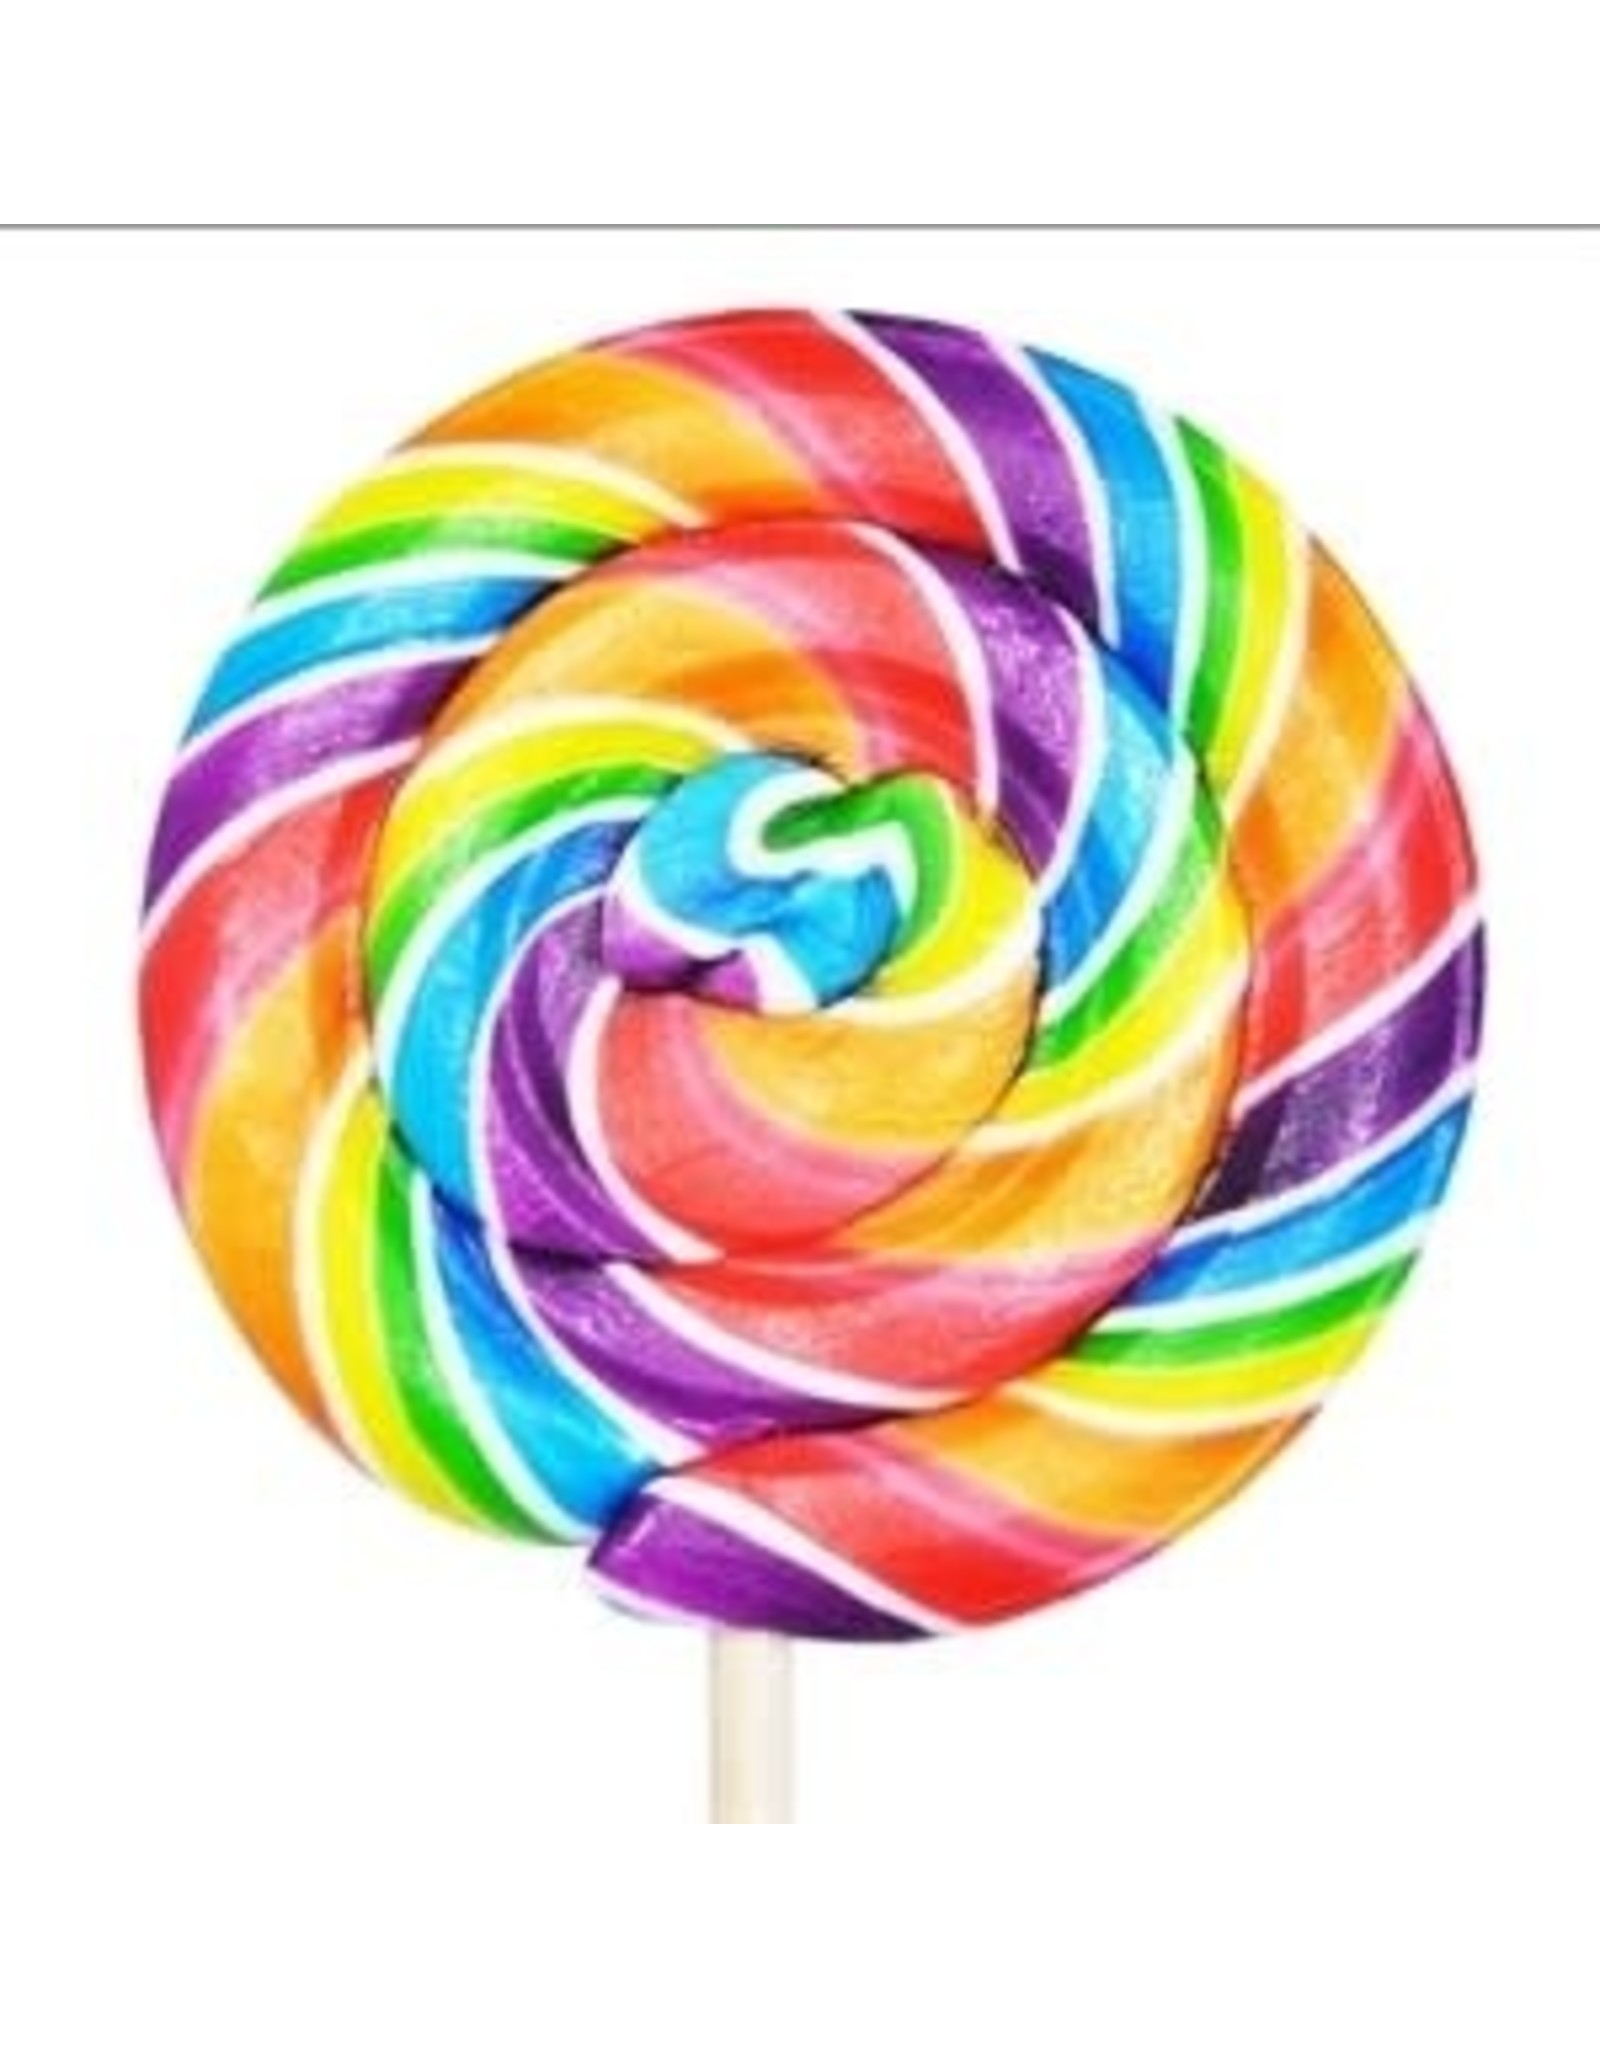 Rainbow Lolly 340g/12oz